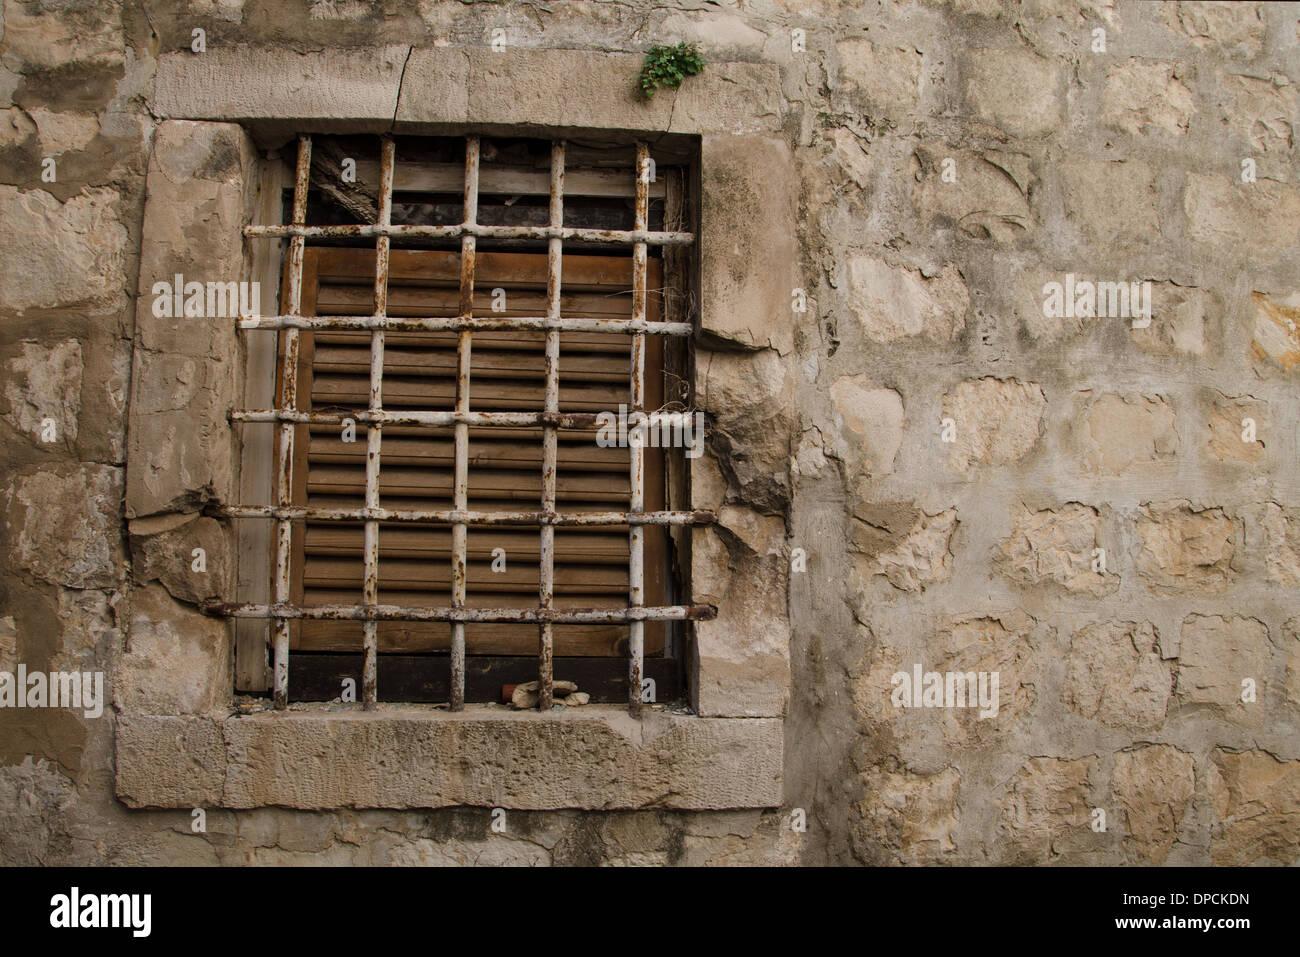 ein schönes altes Fenster. Stockbild